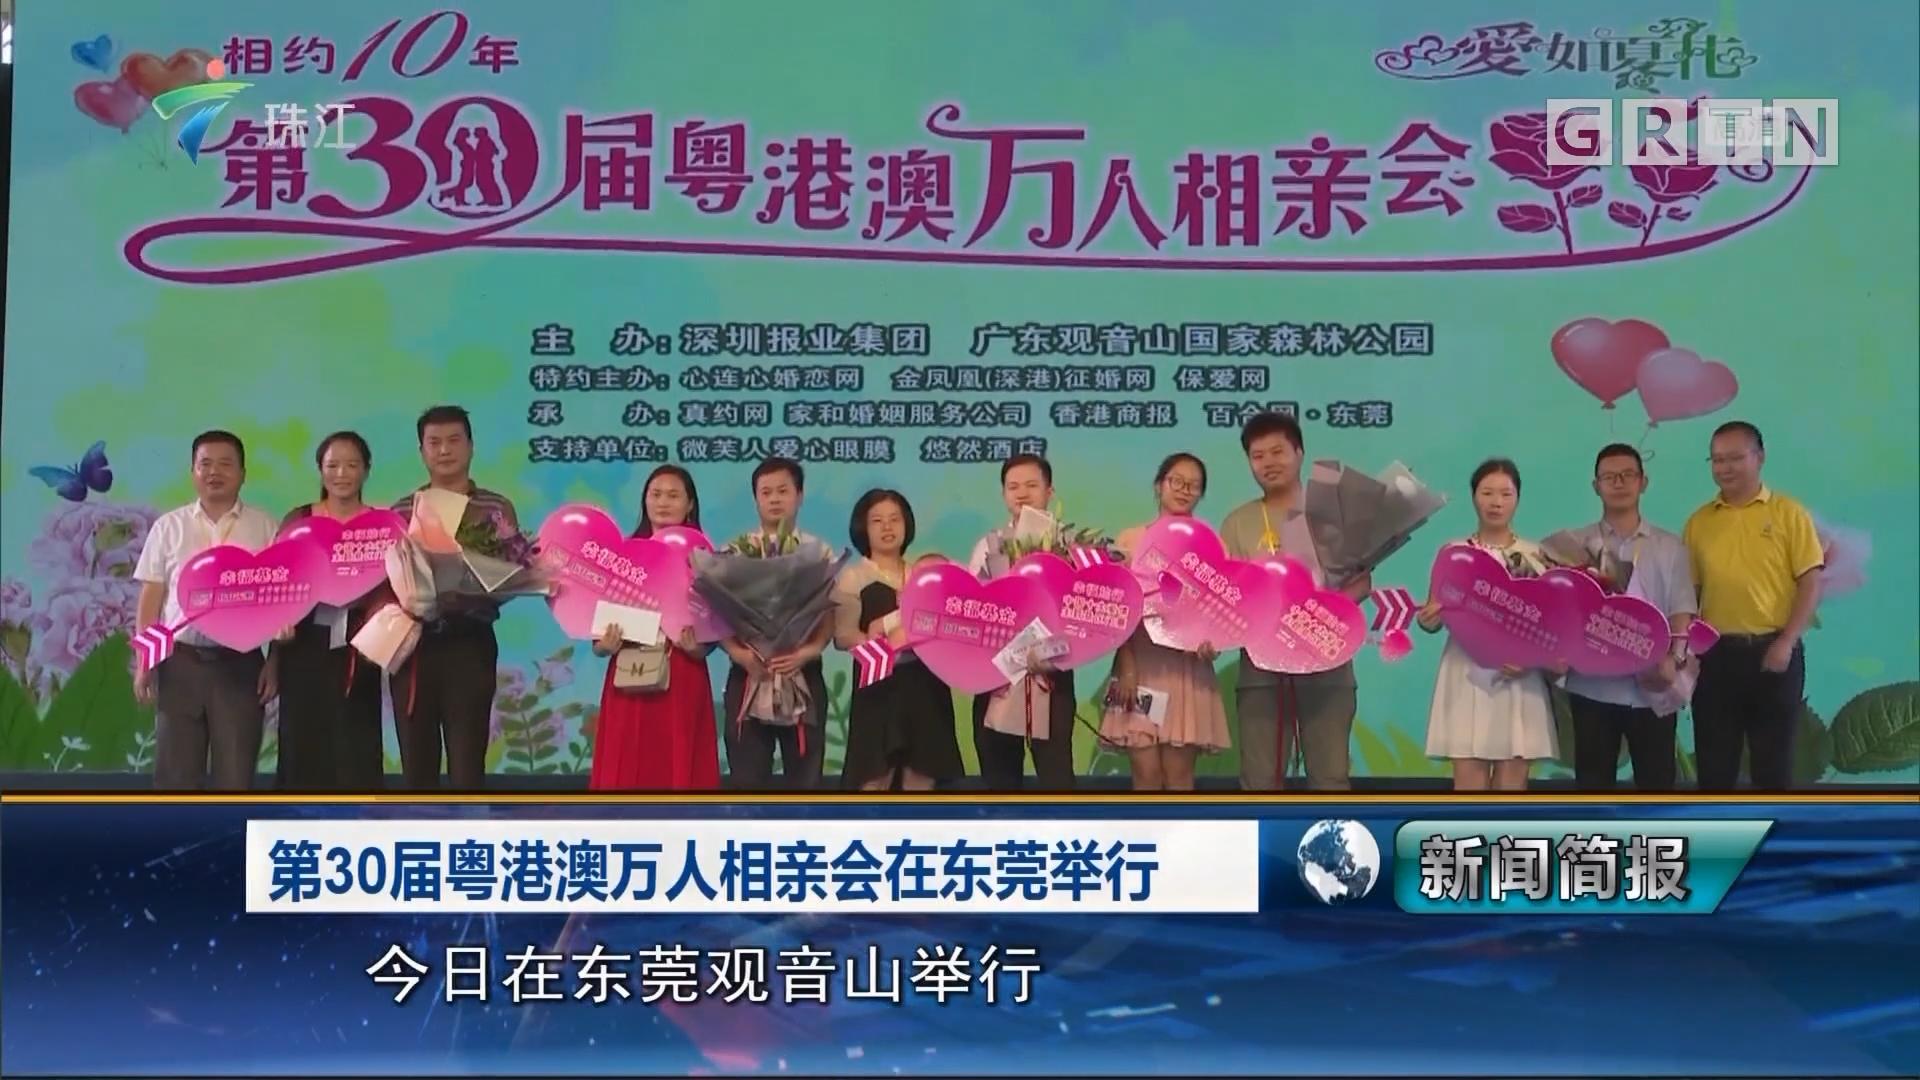 第30届粤港澳万人相亲会在东莞举行